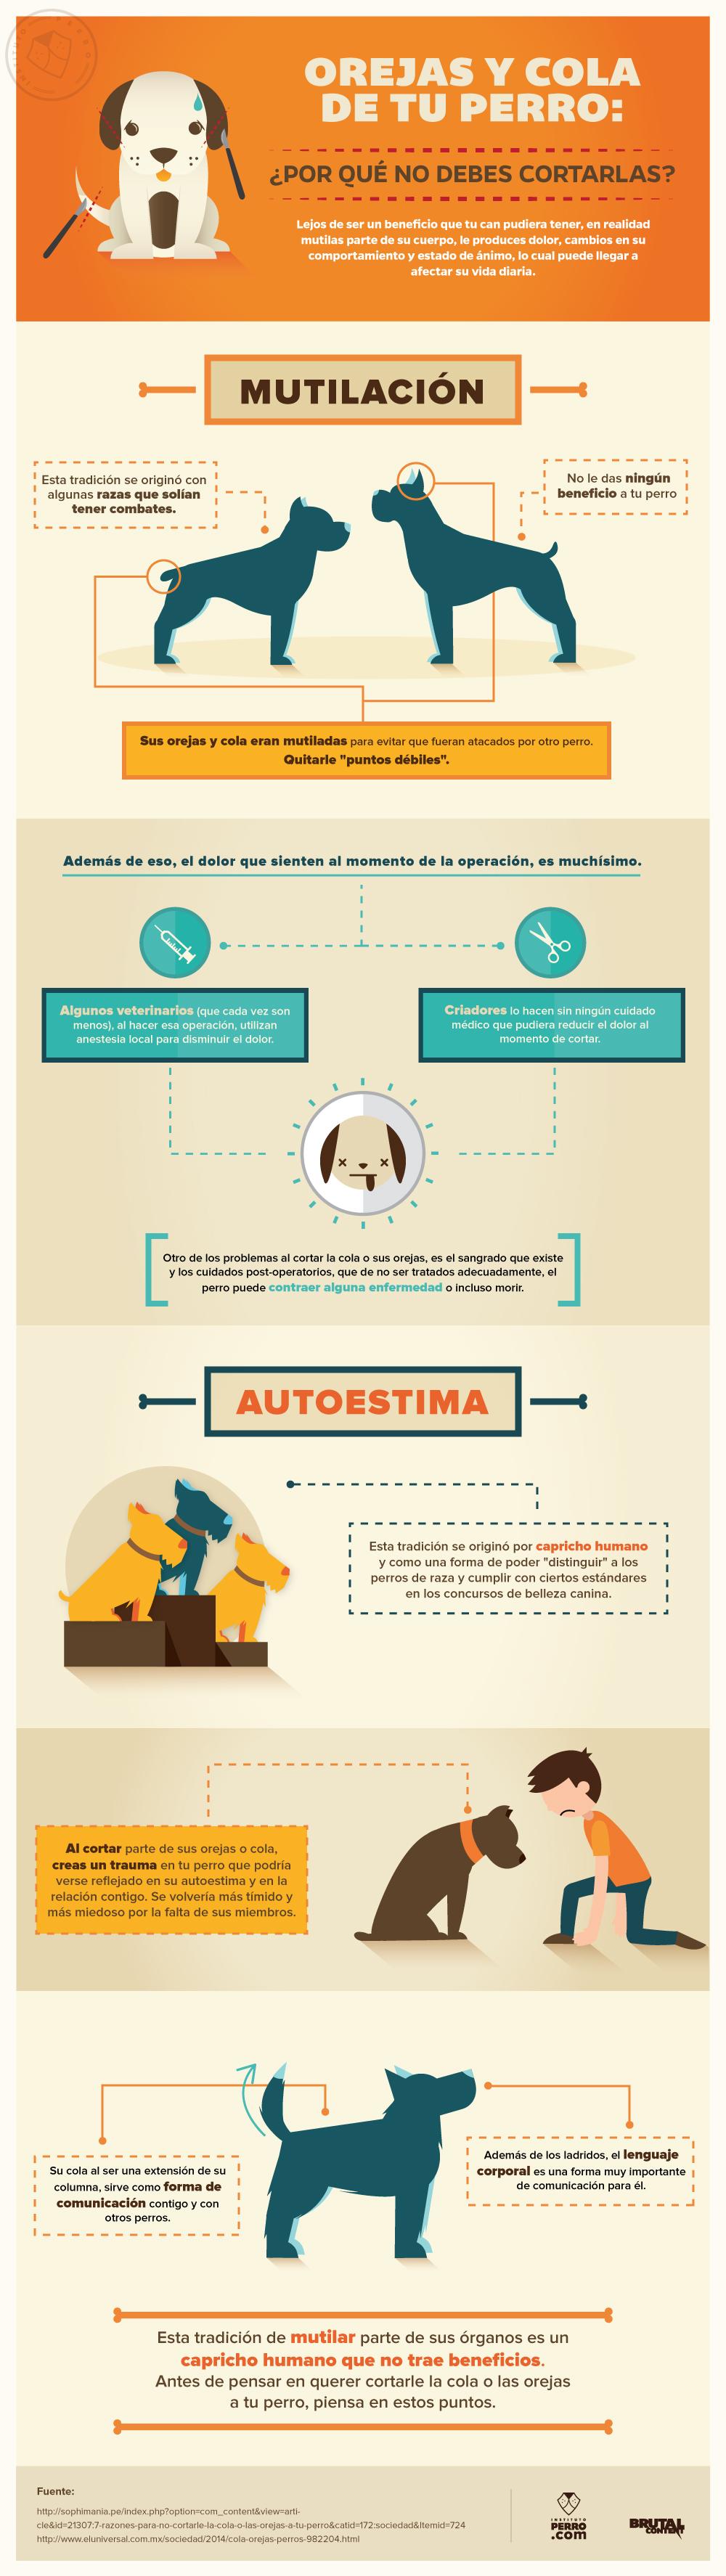 Infografía Por qué no debes cortar las orejas ni la cola